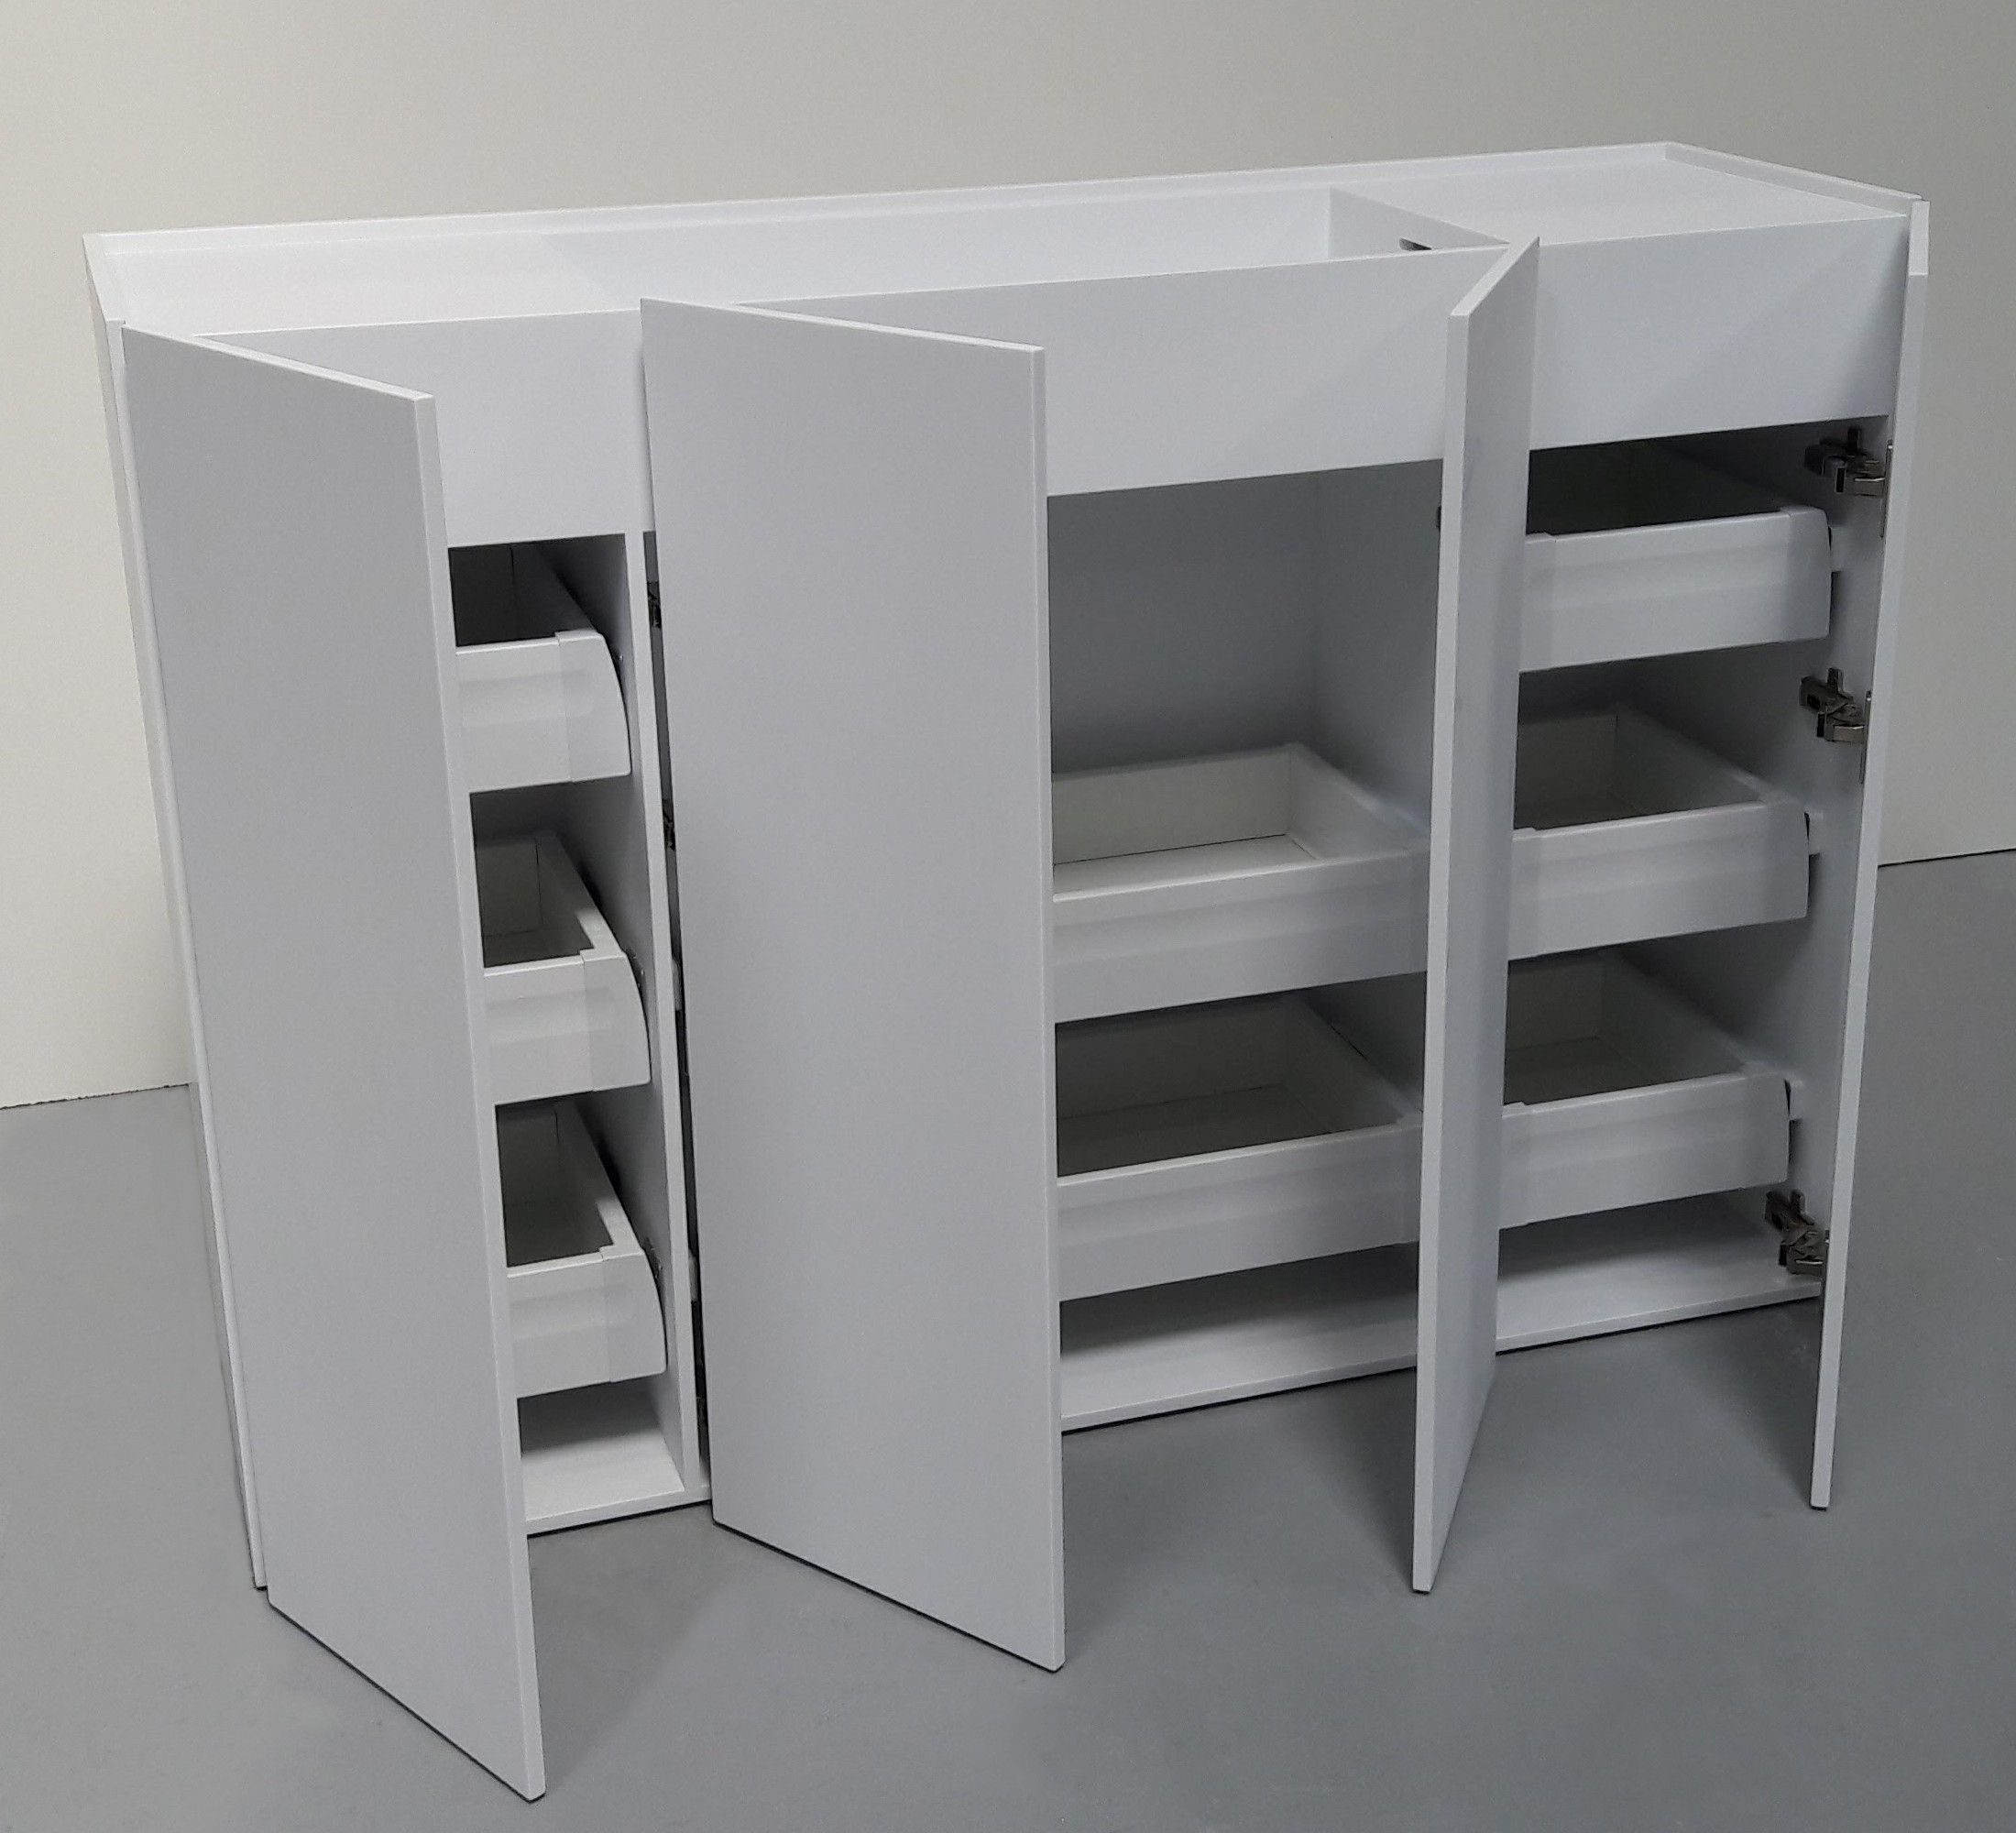 Corian badeværelsesmøbel med integreret vask, skuffer og 4 låger.